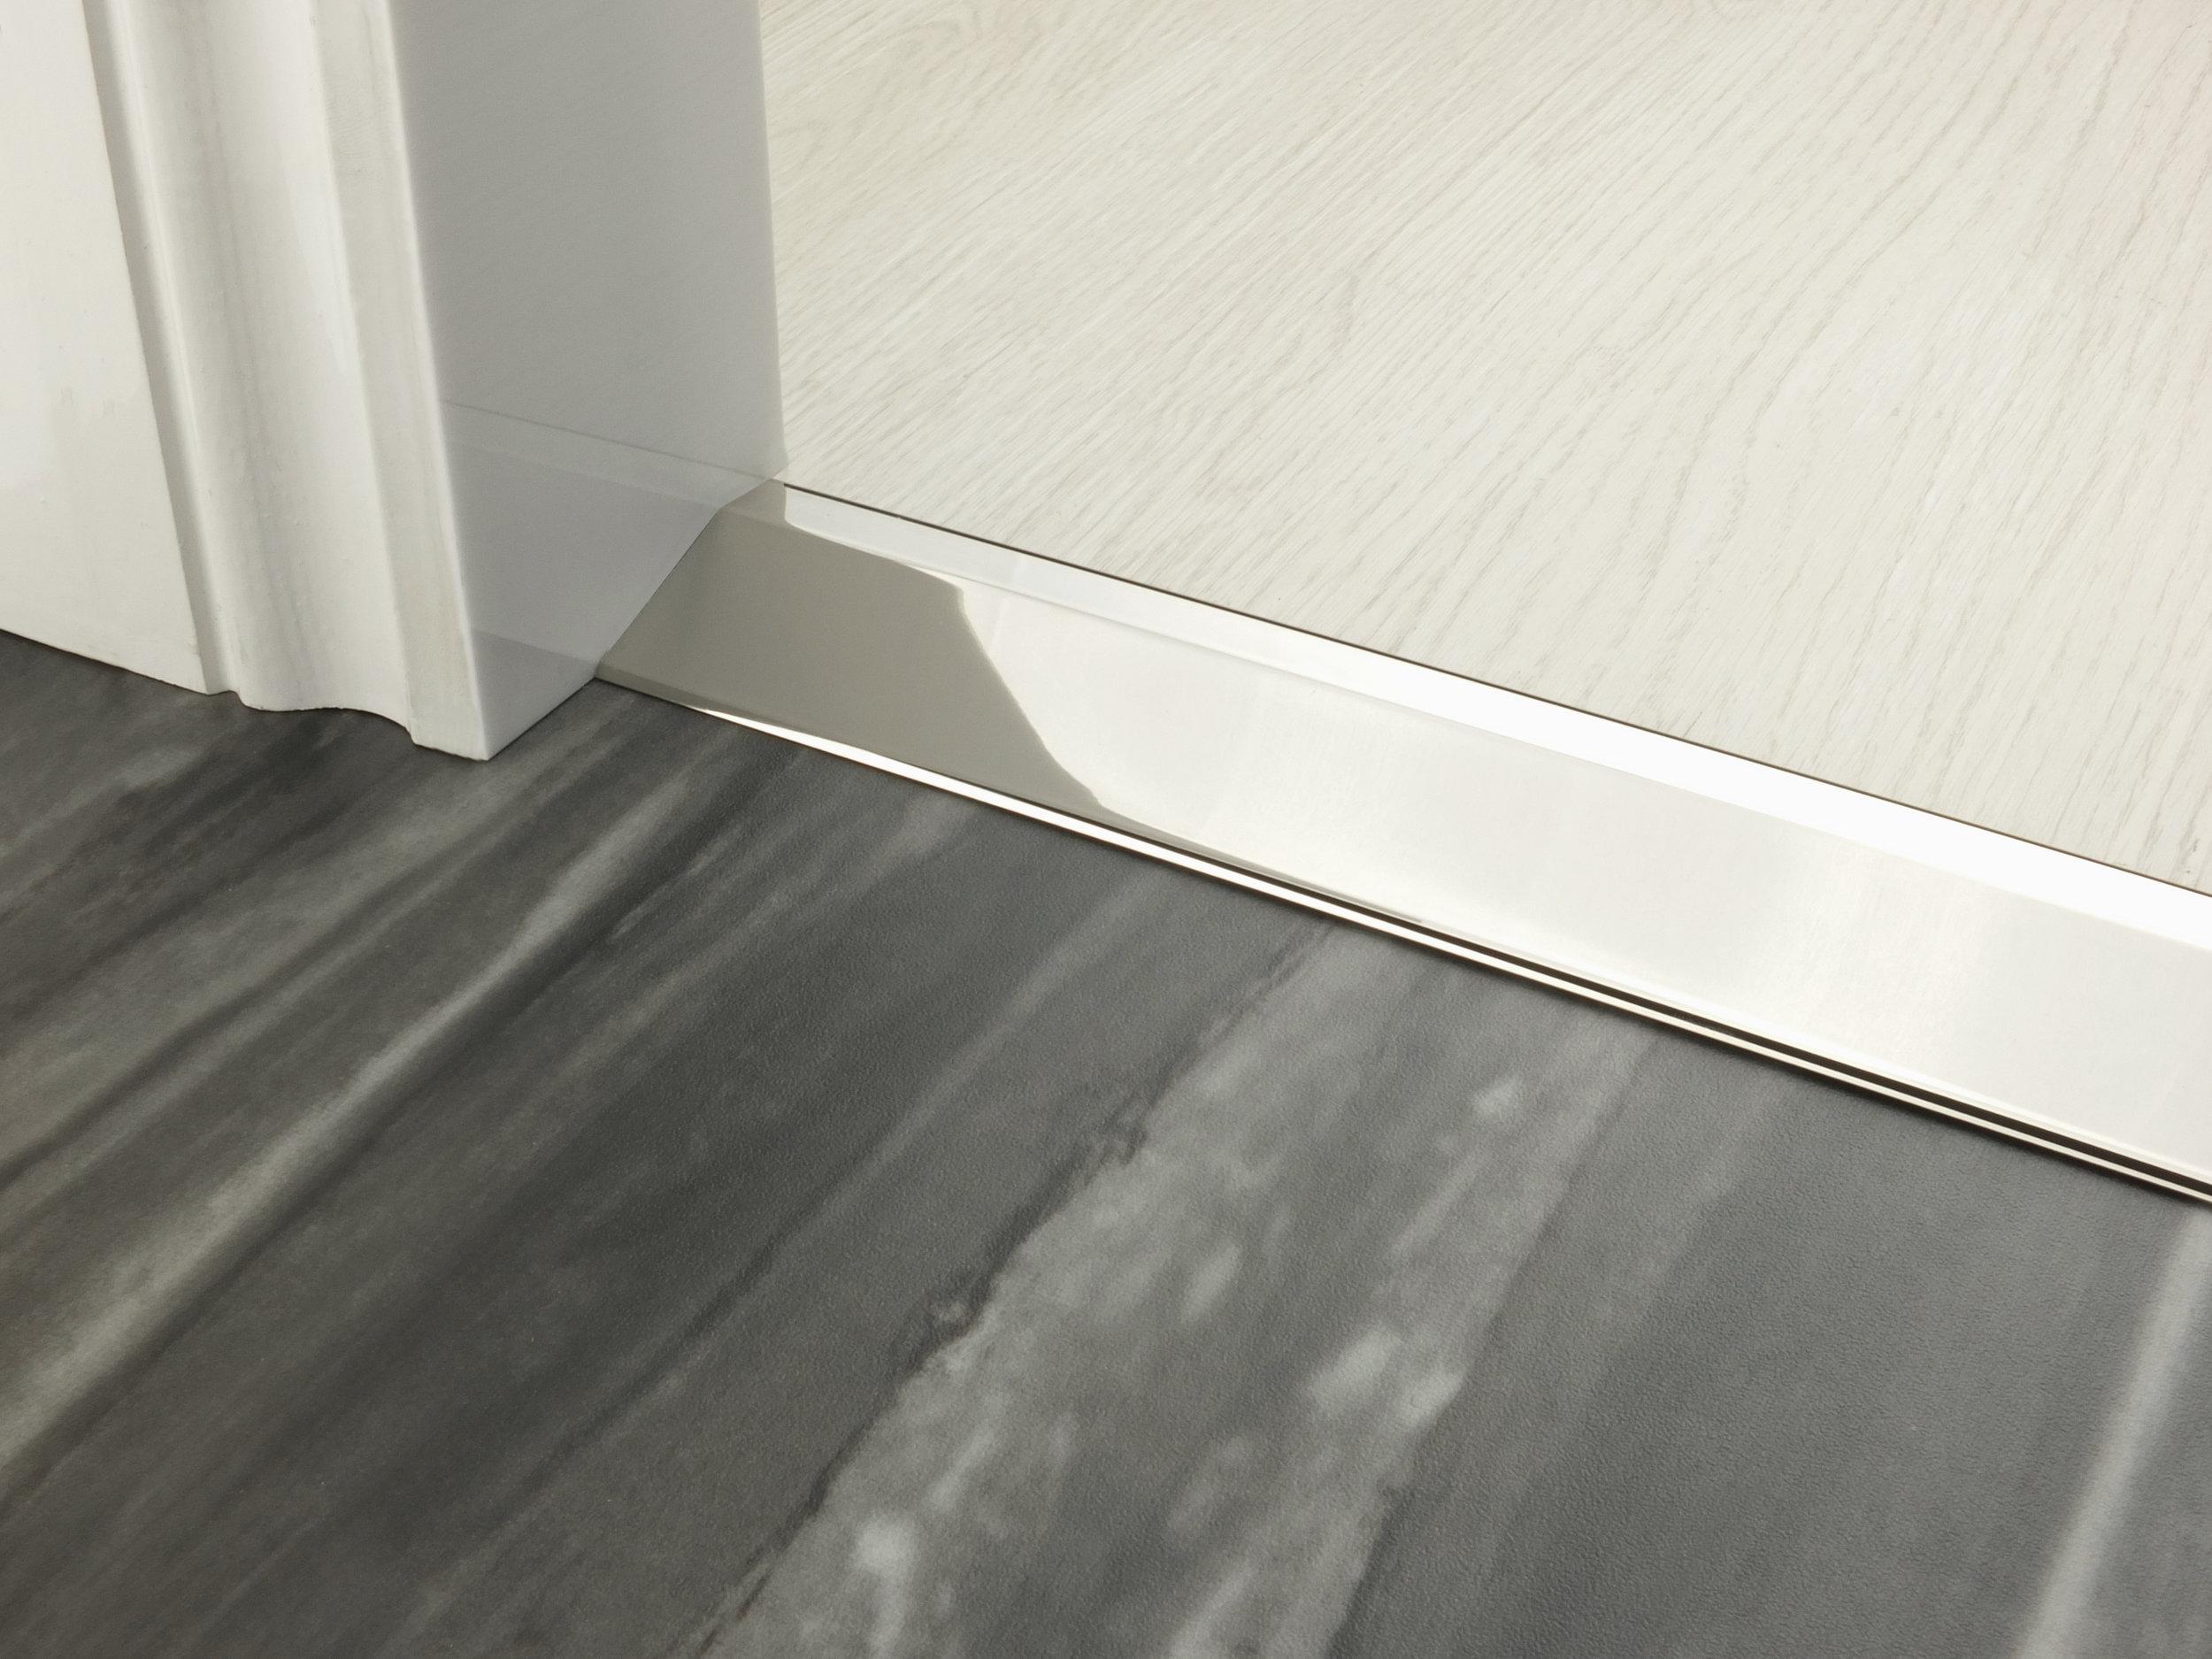 stairrods-doorbar-polished-nickel-16mm-ramp.jpg